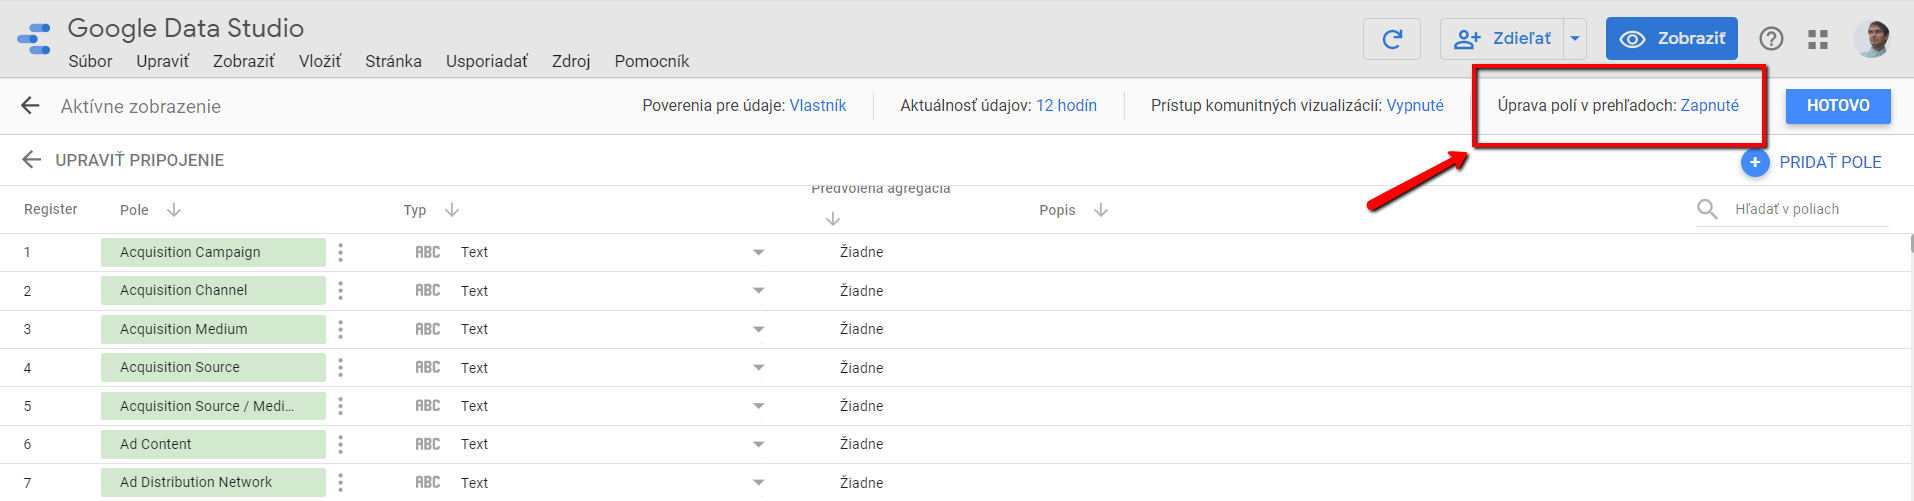 Úprava polí v prehľadoch, Google Data Studio